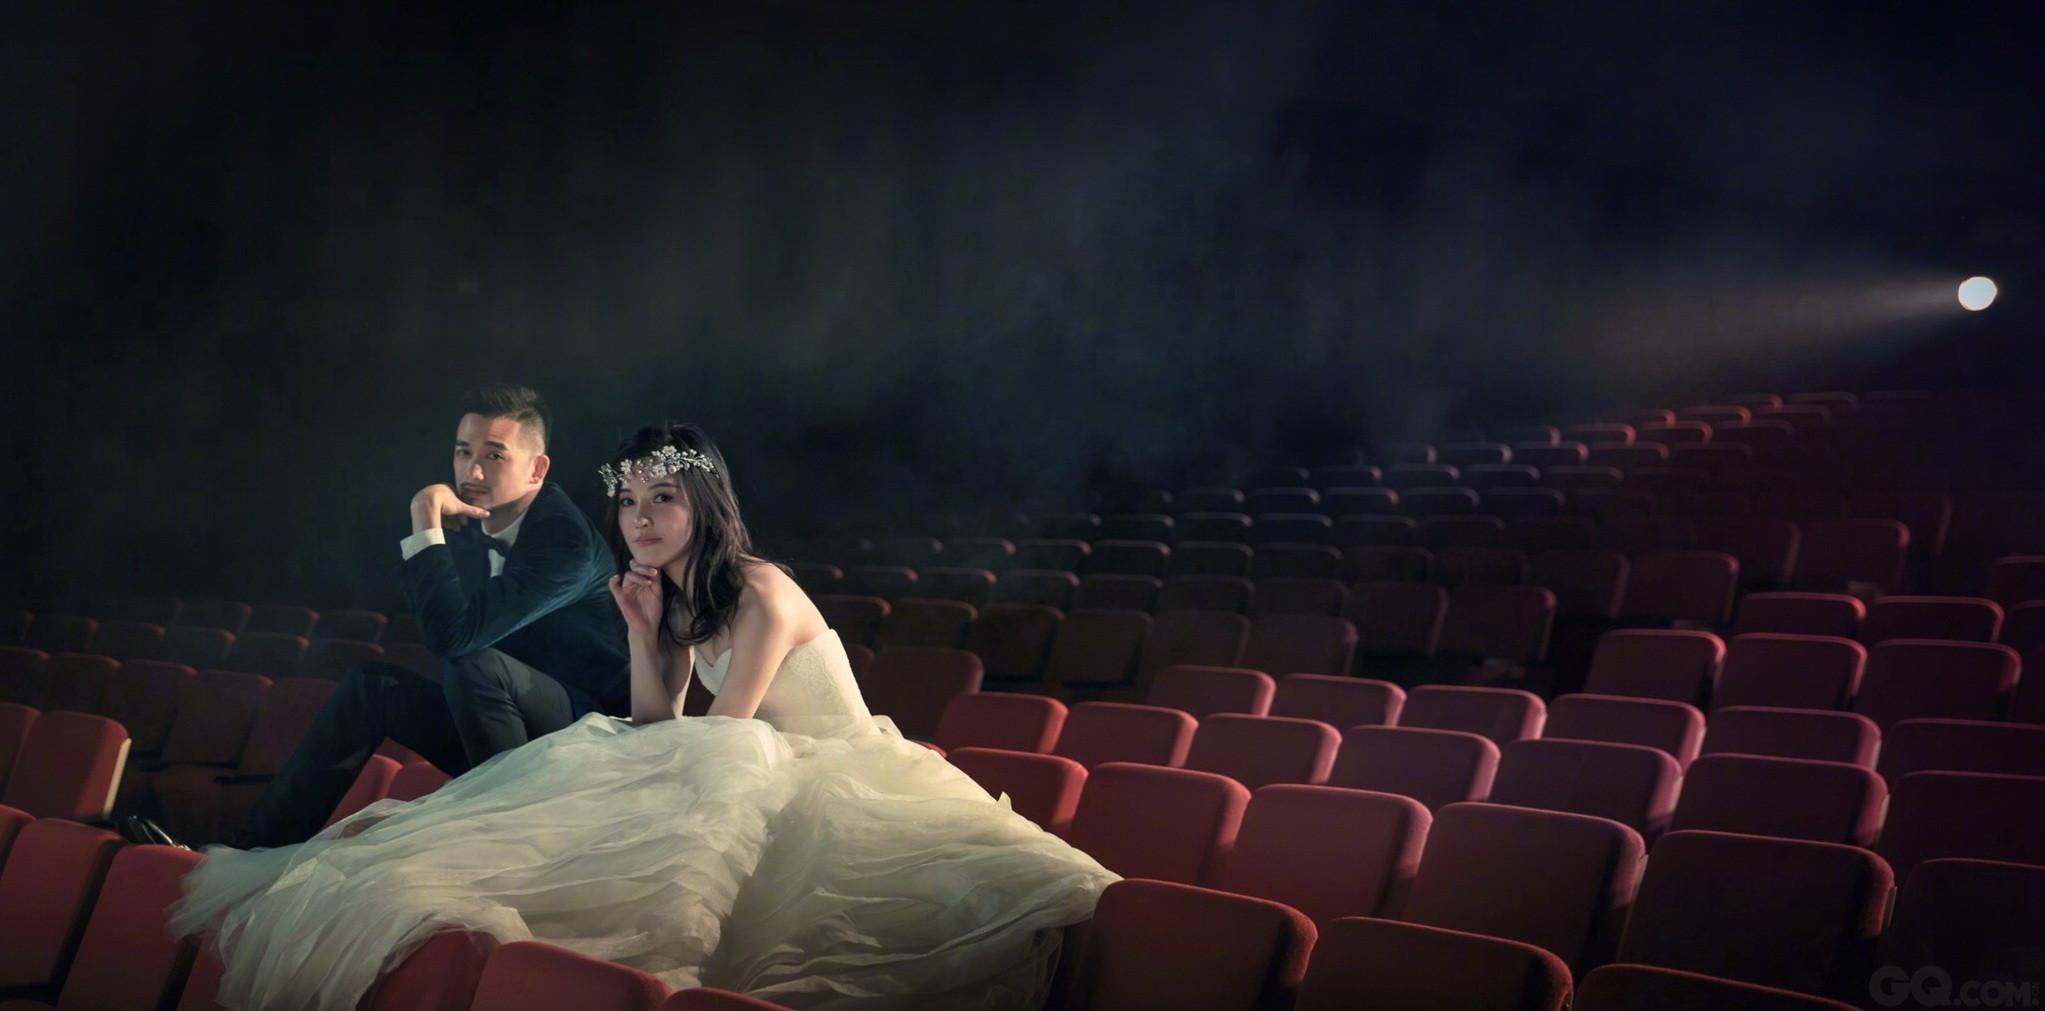 """日前,""""天姗""""夫妇极具创意的婚纱照正式曝光,这套由陈正道领衔的全电影制作团队打造的大片充满甜蜜的心思,随之曝光的还有二人的婚礼礼盒与请柬,每个细节都包含了两人幸福的痕迹。"""